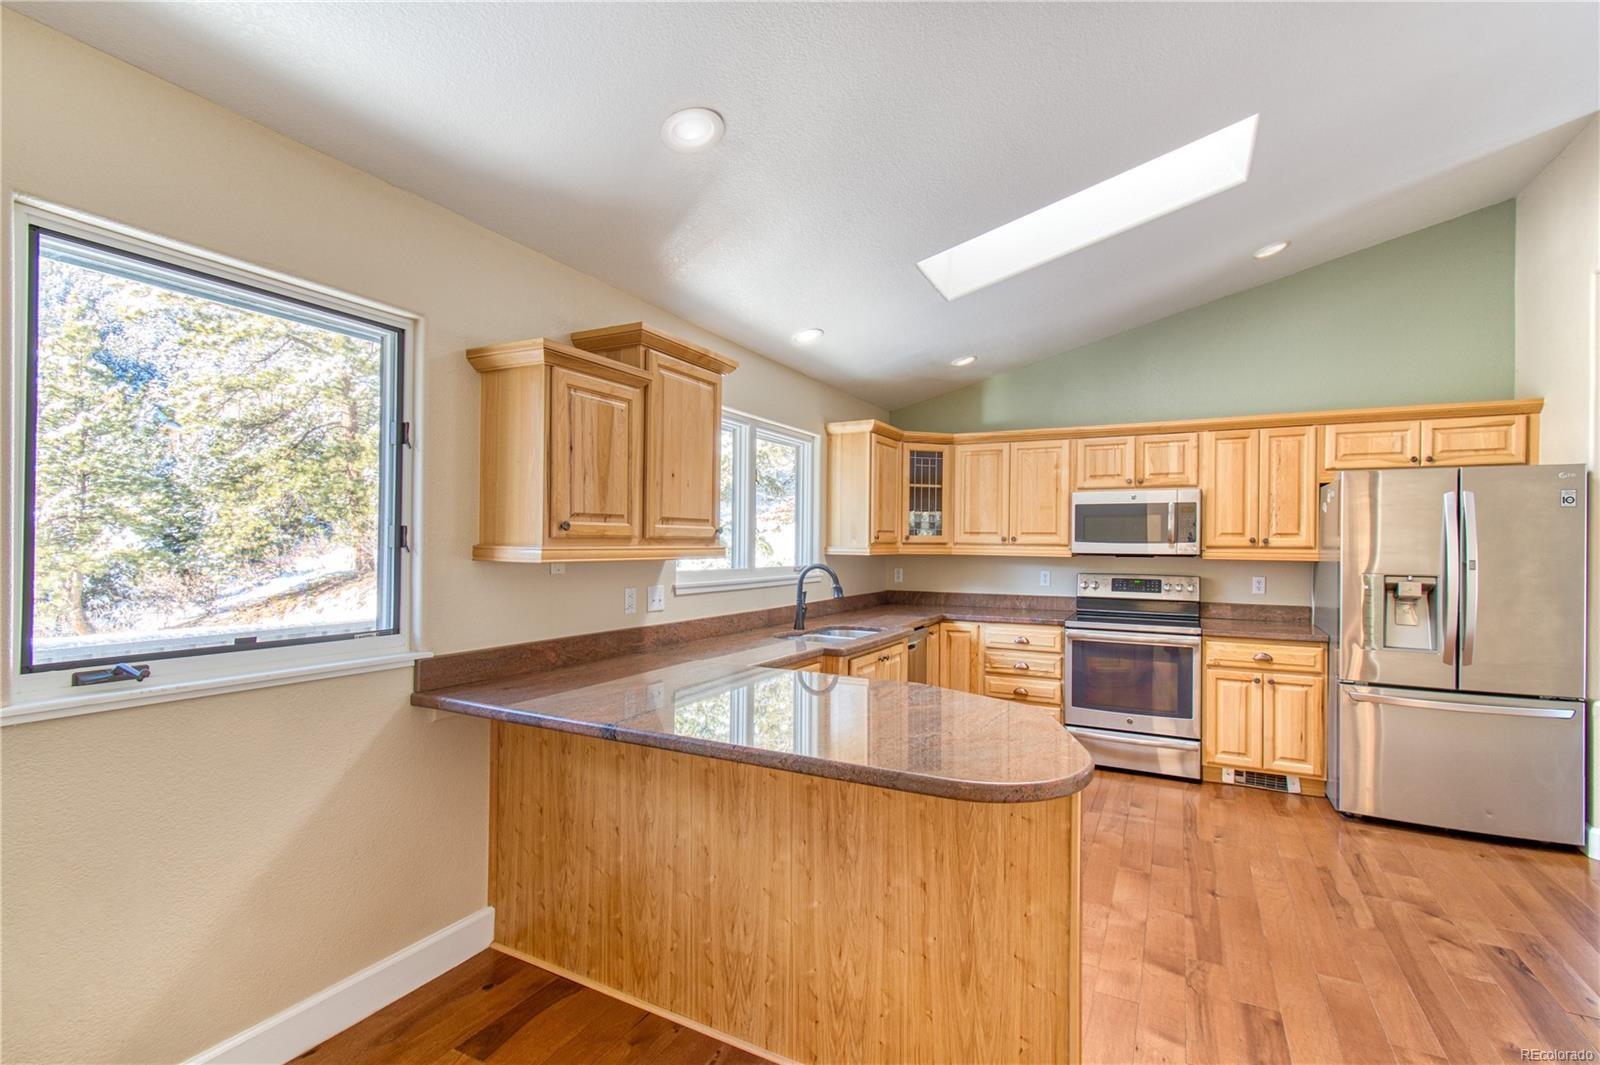 MLS# 8807220 - 6 - 89 Upper Elk Valley Drive, Evergreen, CO 80439